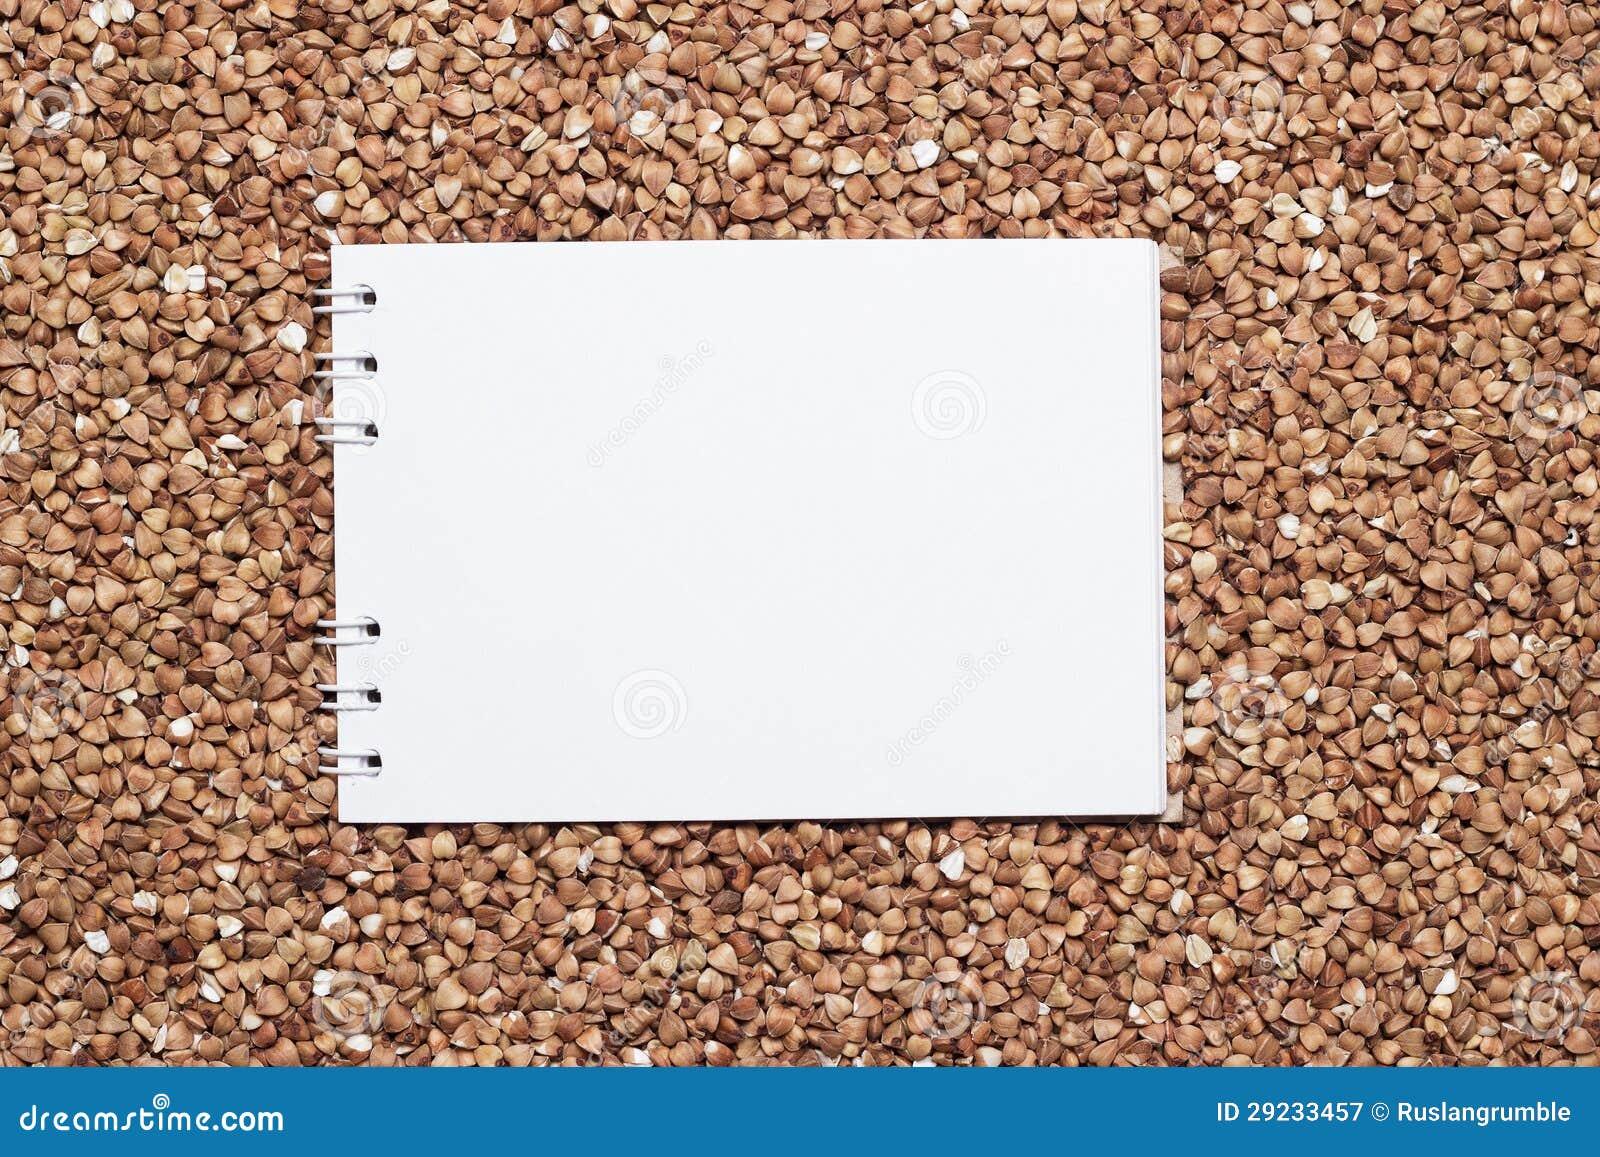 Download Trigo Mourisco Com Bloco De Notas Vazio Imagem de Stock - Imagem de edible, cultura: 29233457